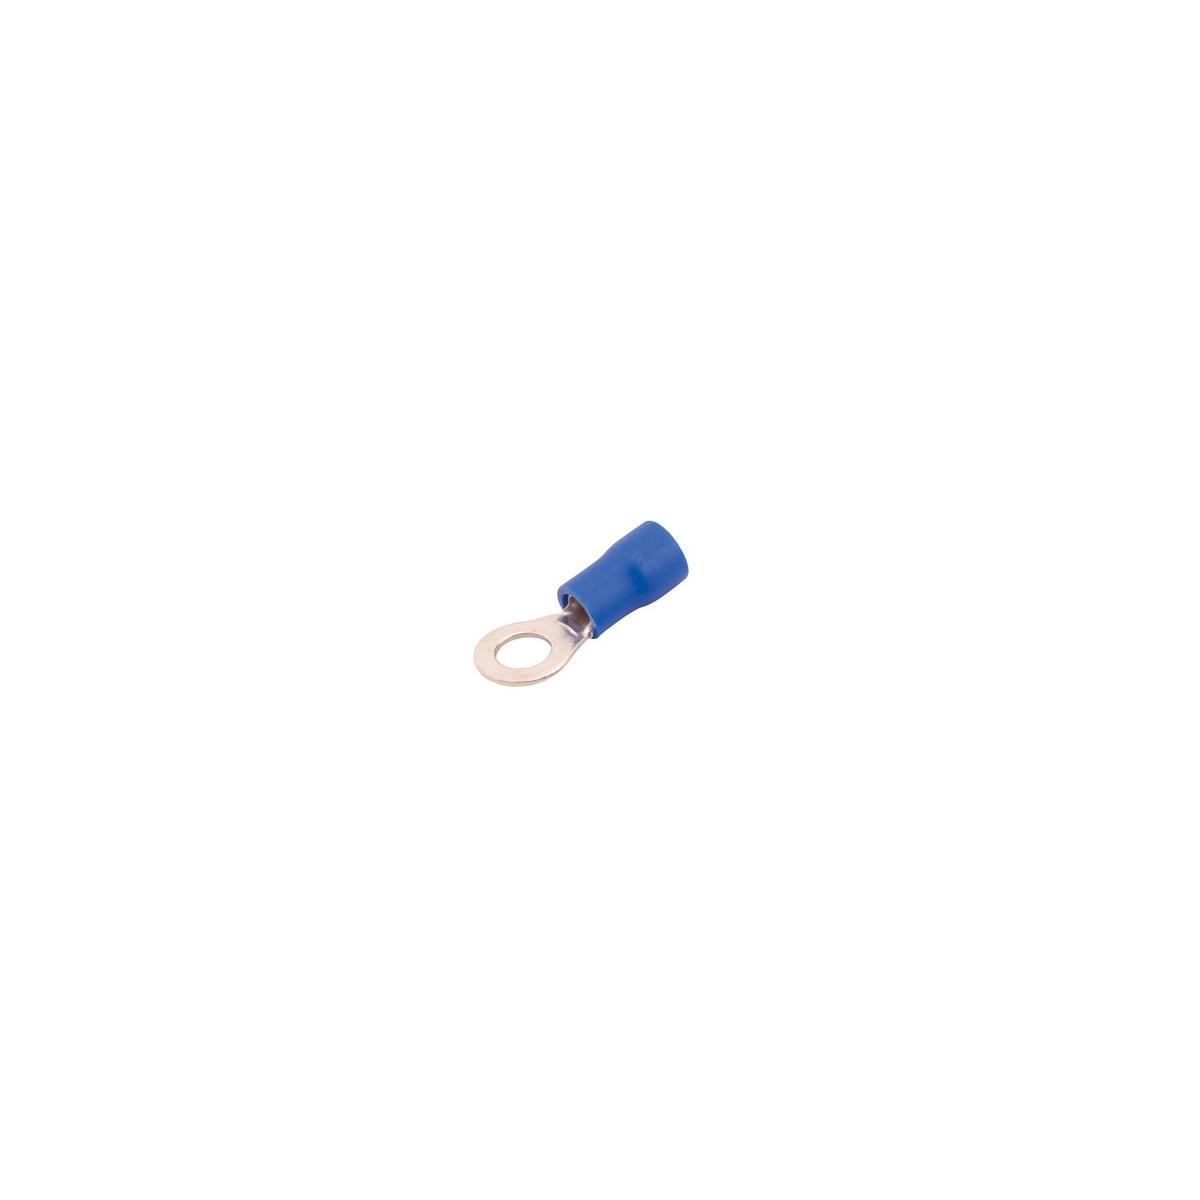 TERMINAL OLHAL - AZ - 5MM - R4085 SF-